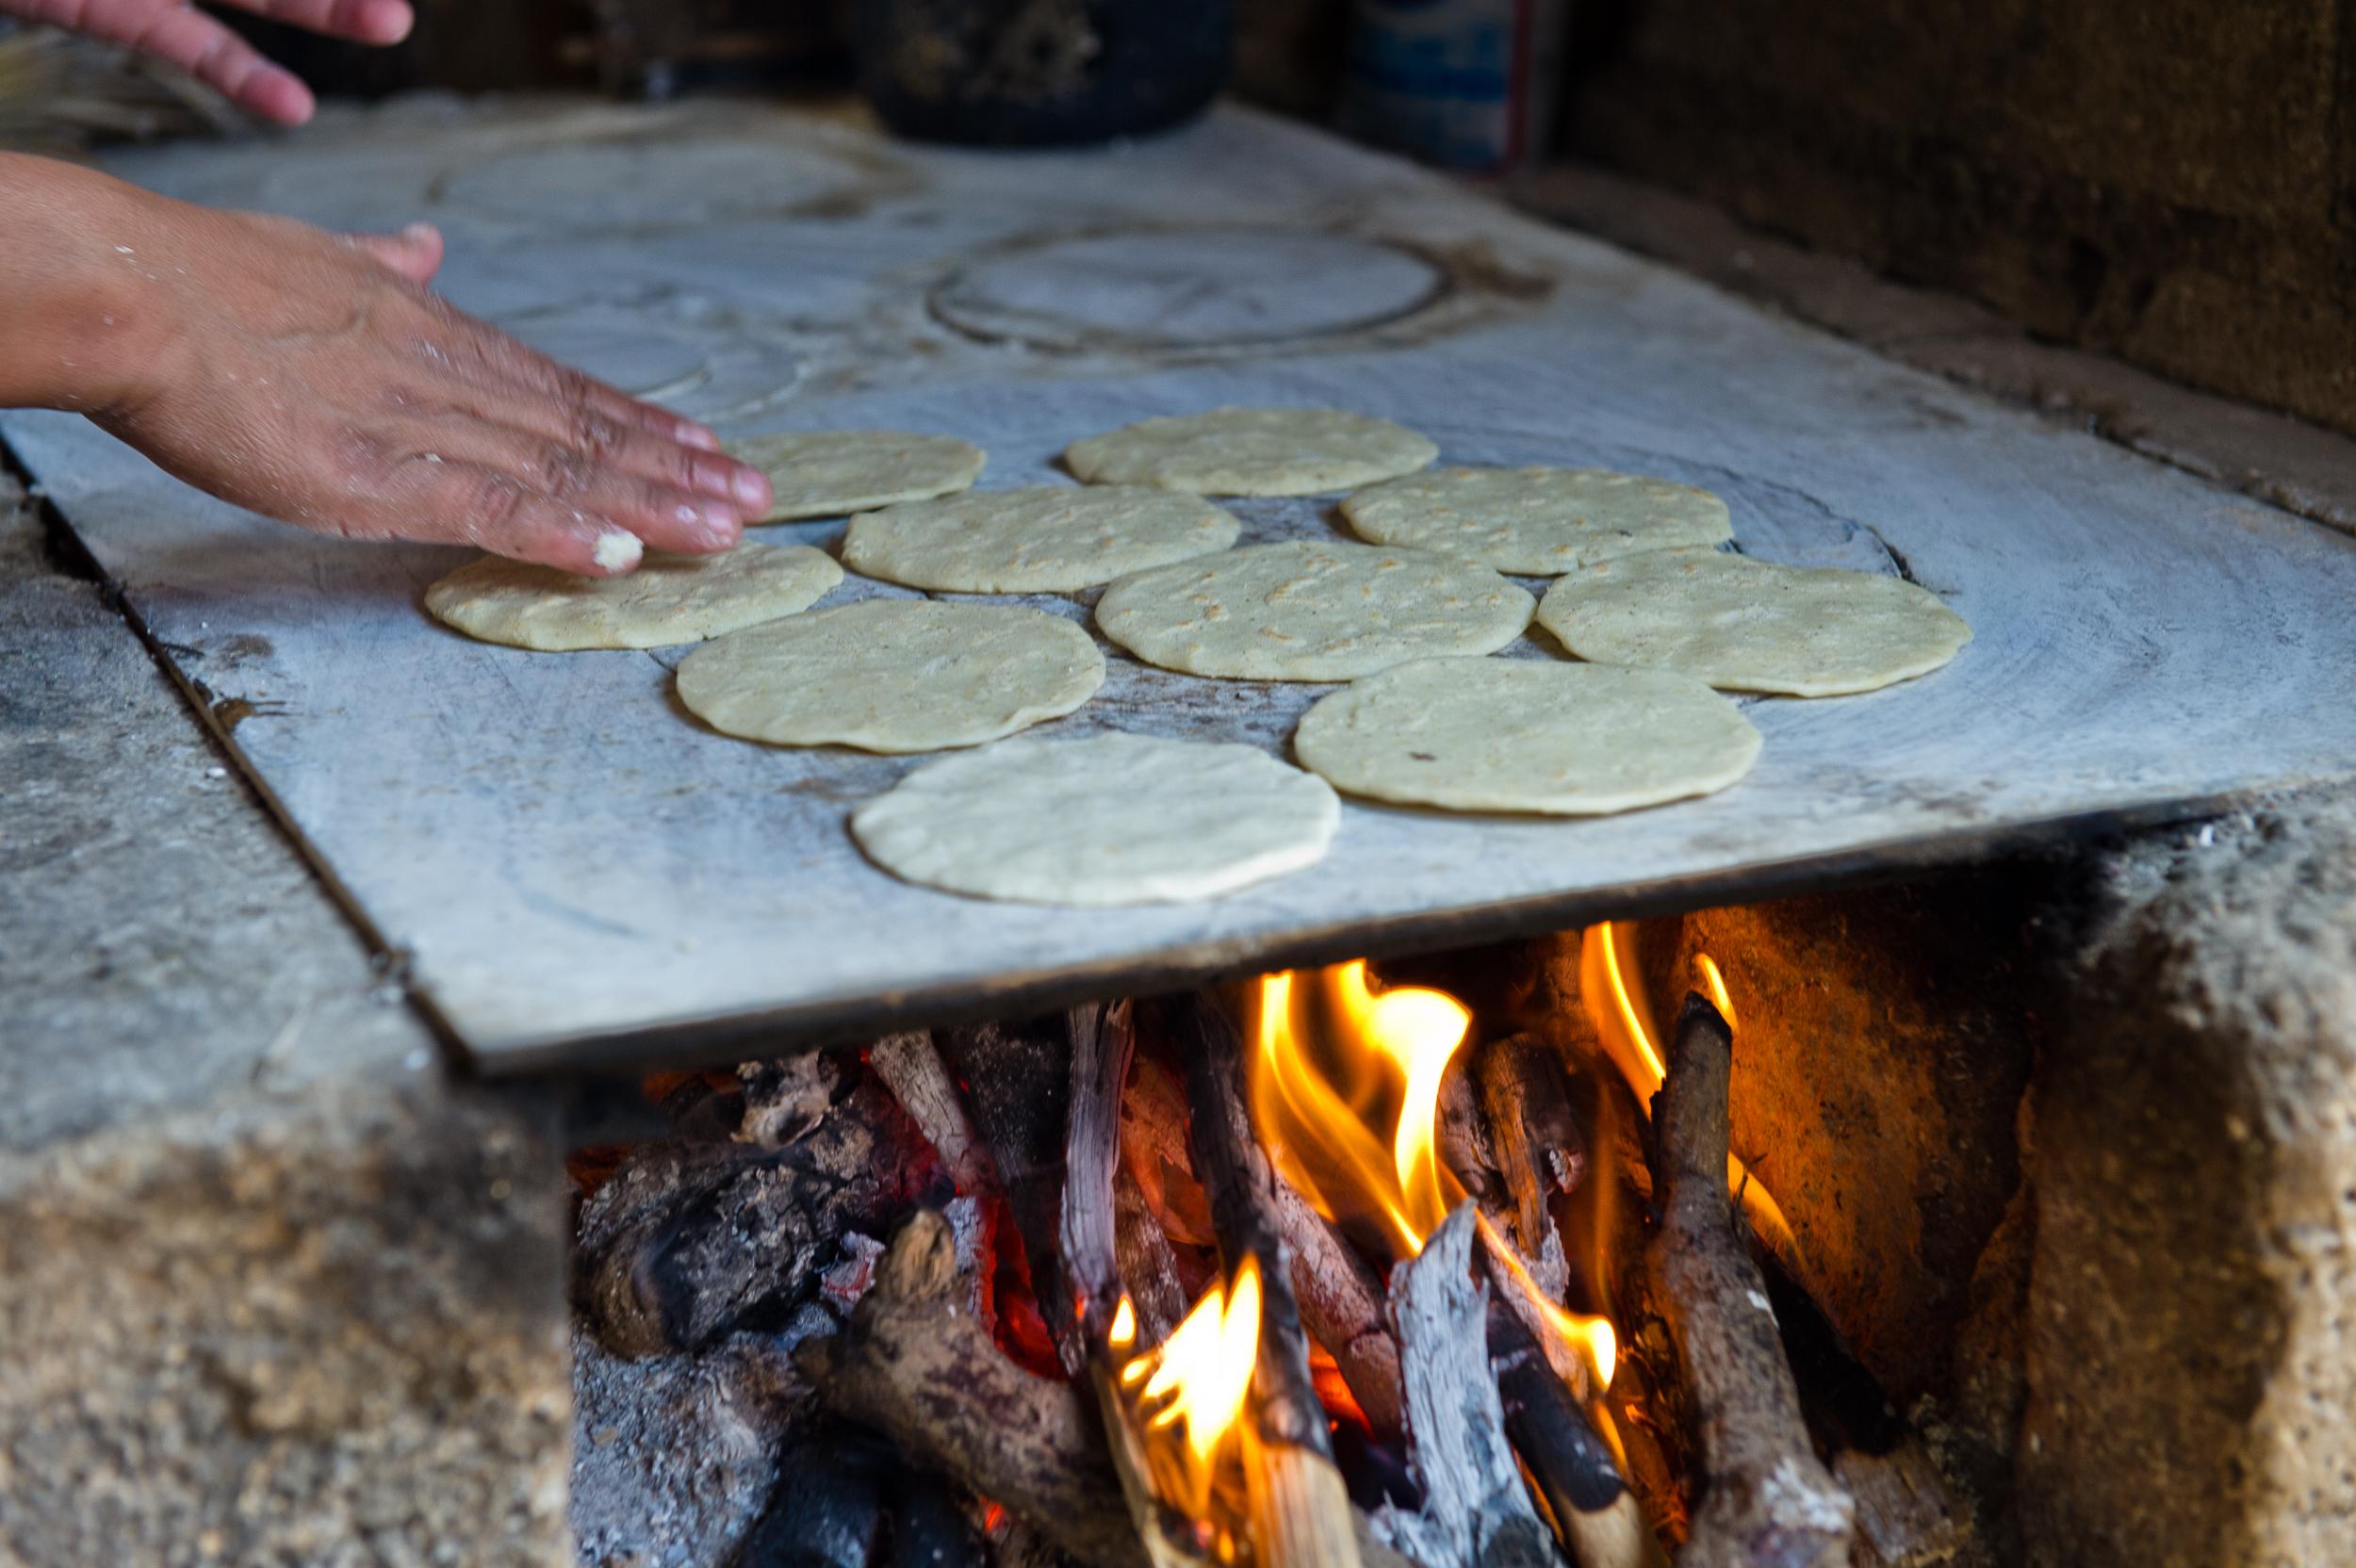 Fresh tortillas are still a diet staple in the pueblo.